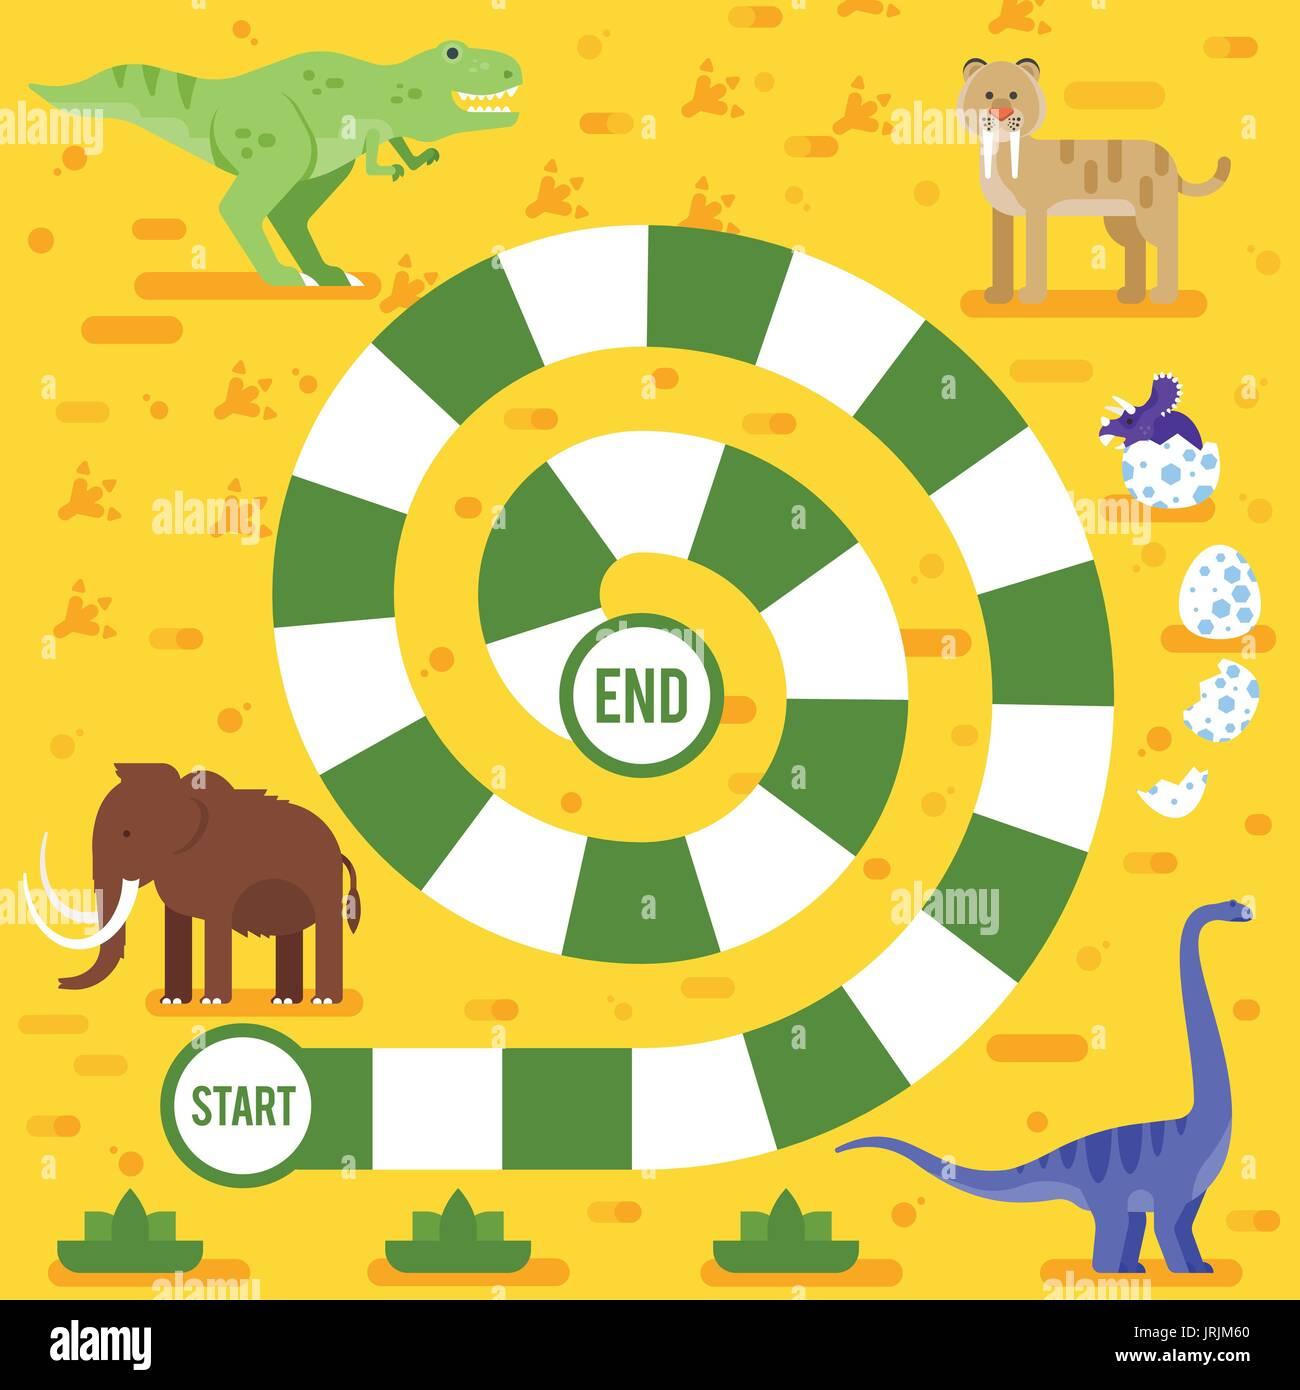 Estilo Plano Vector Ilustracion De Ninos Juegos De Mesa Con Los